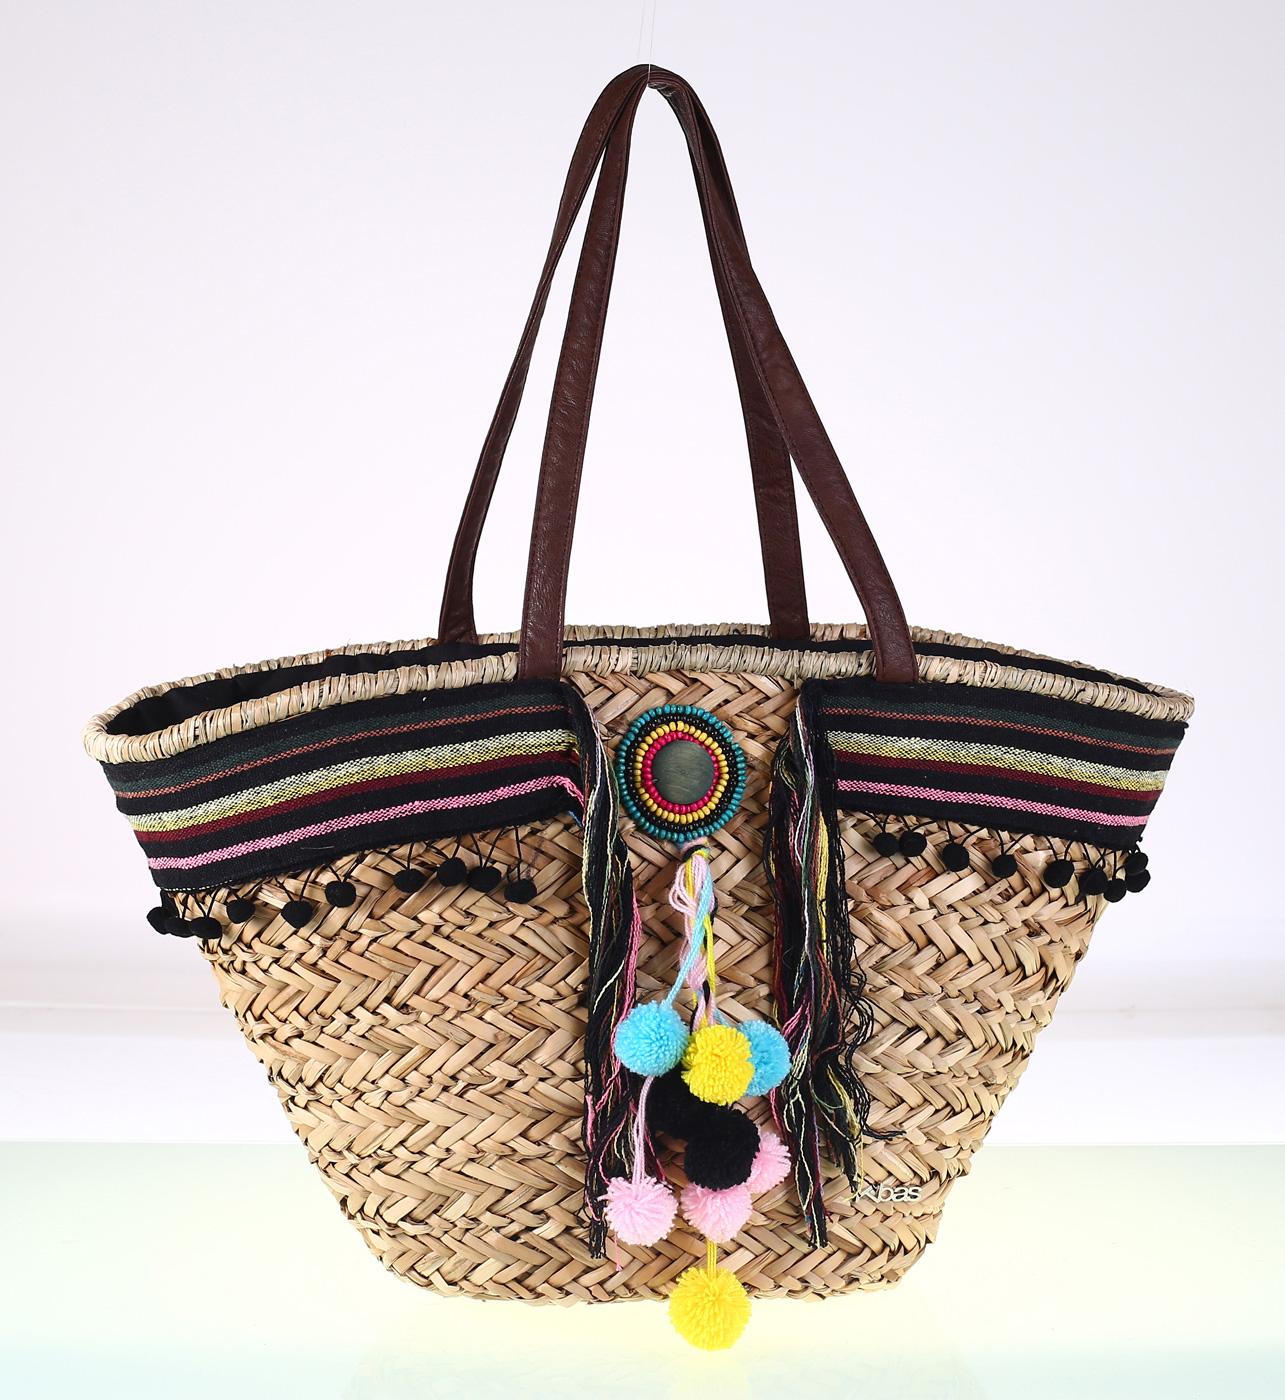 e0dd3723f Dámská slaměná taška s ozdobami Kbas černá 309711N